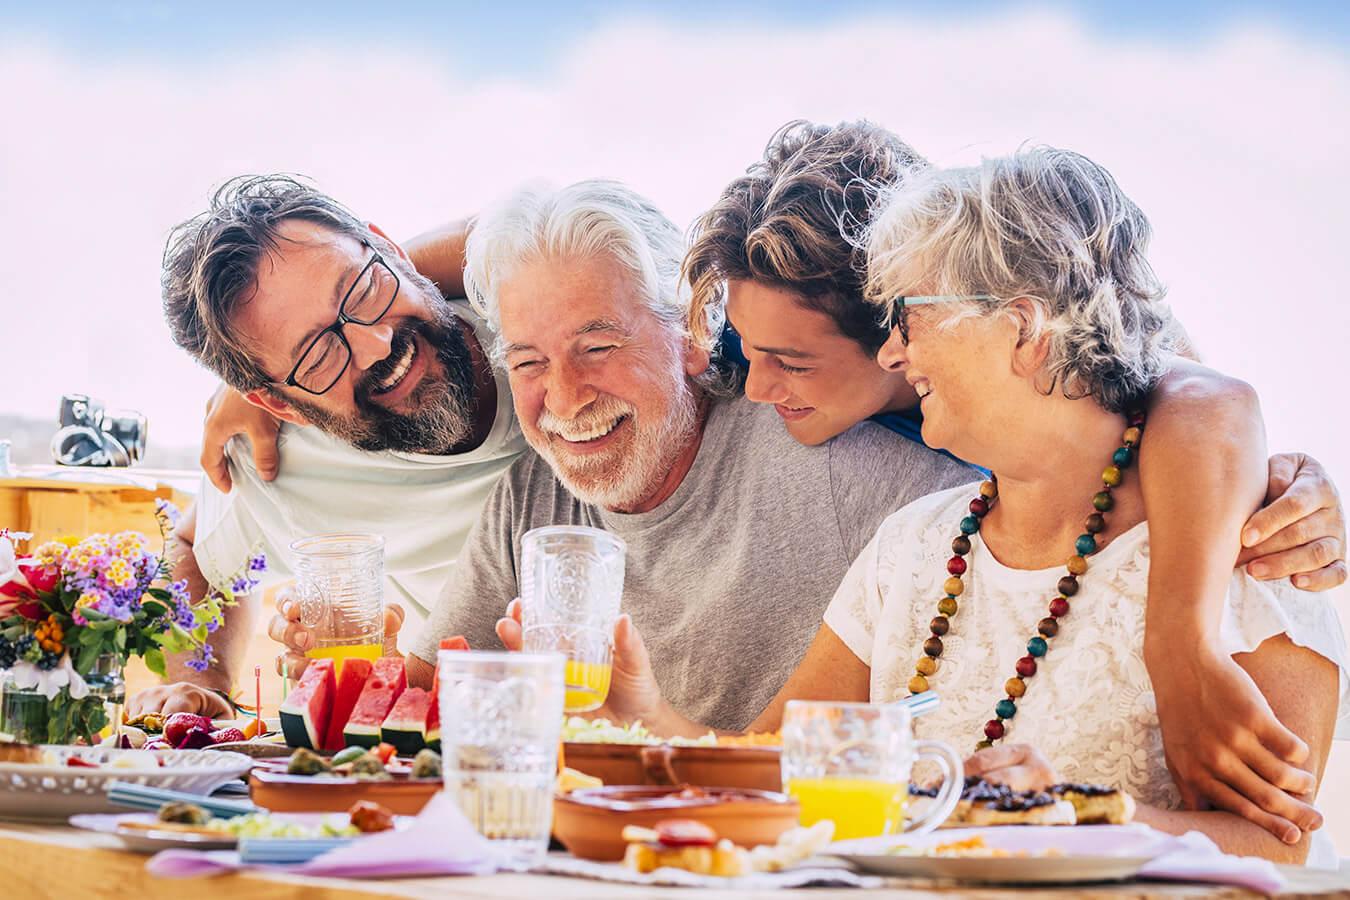 Czego życzyć na 70 urodziny? [krótkie, śmieszne, eleganckie życzenia na 70 urodziny]